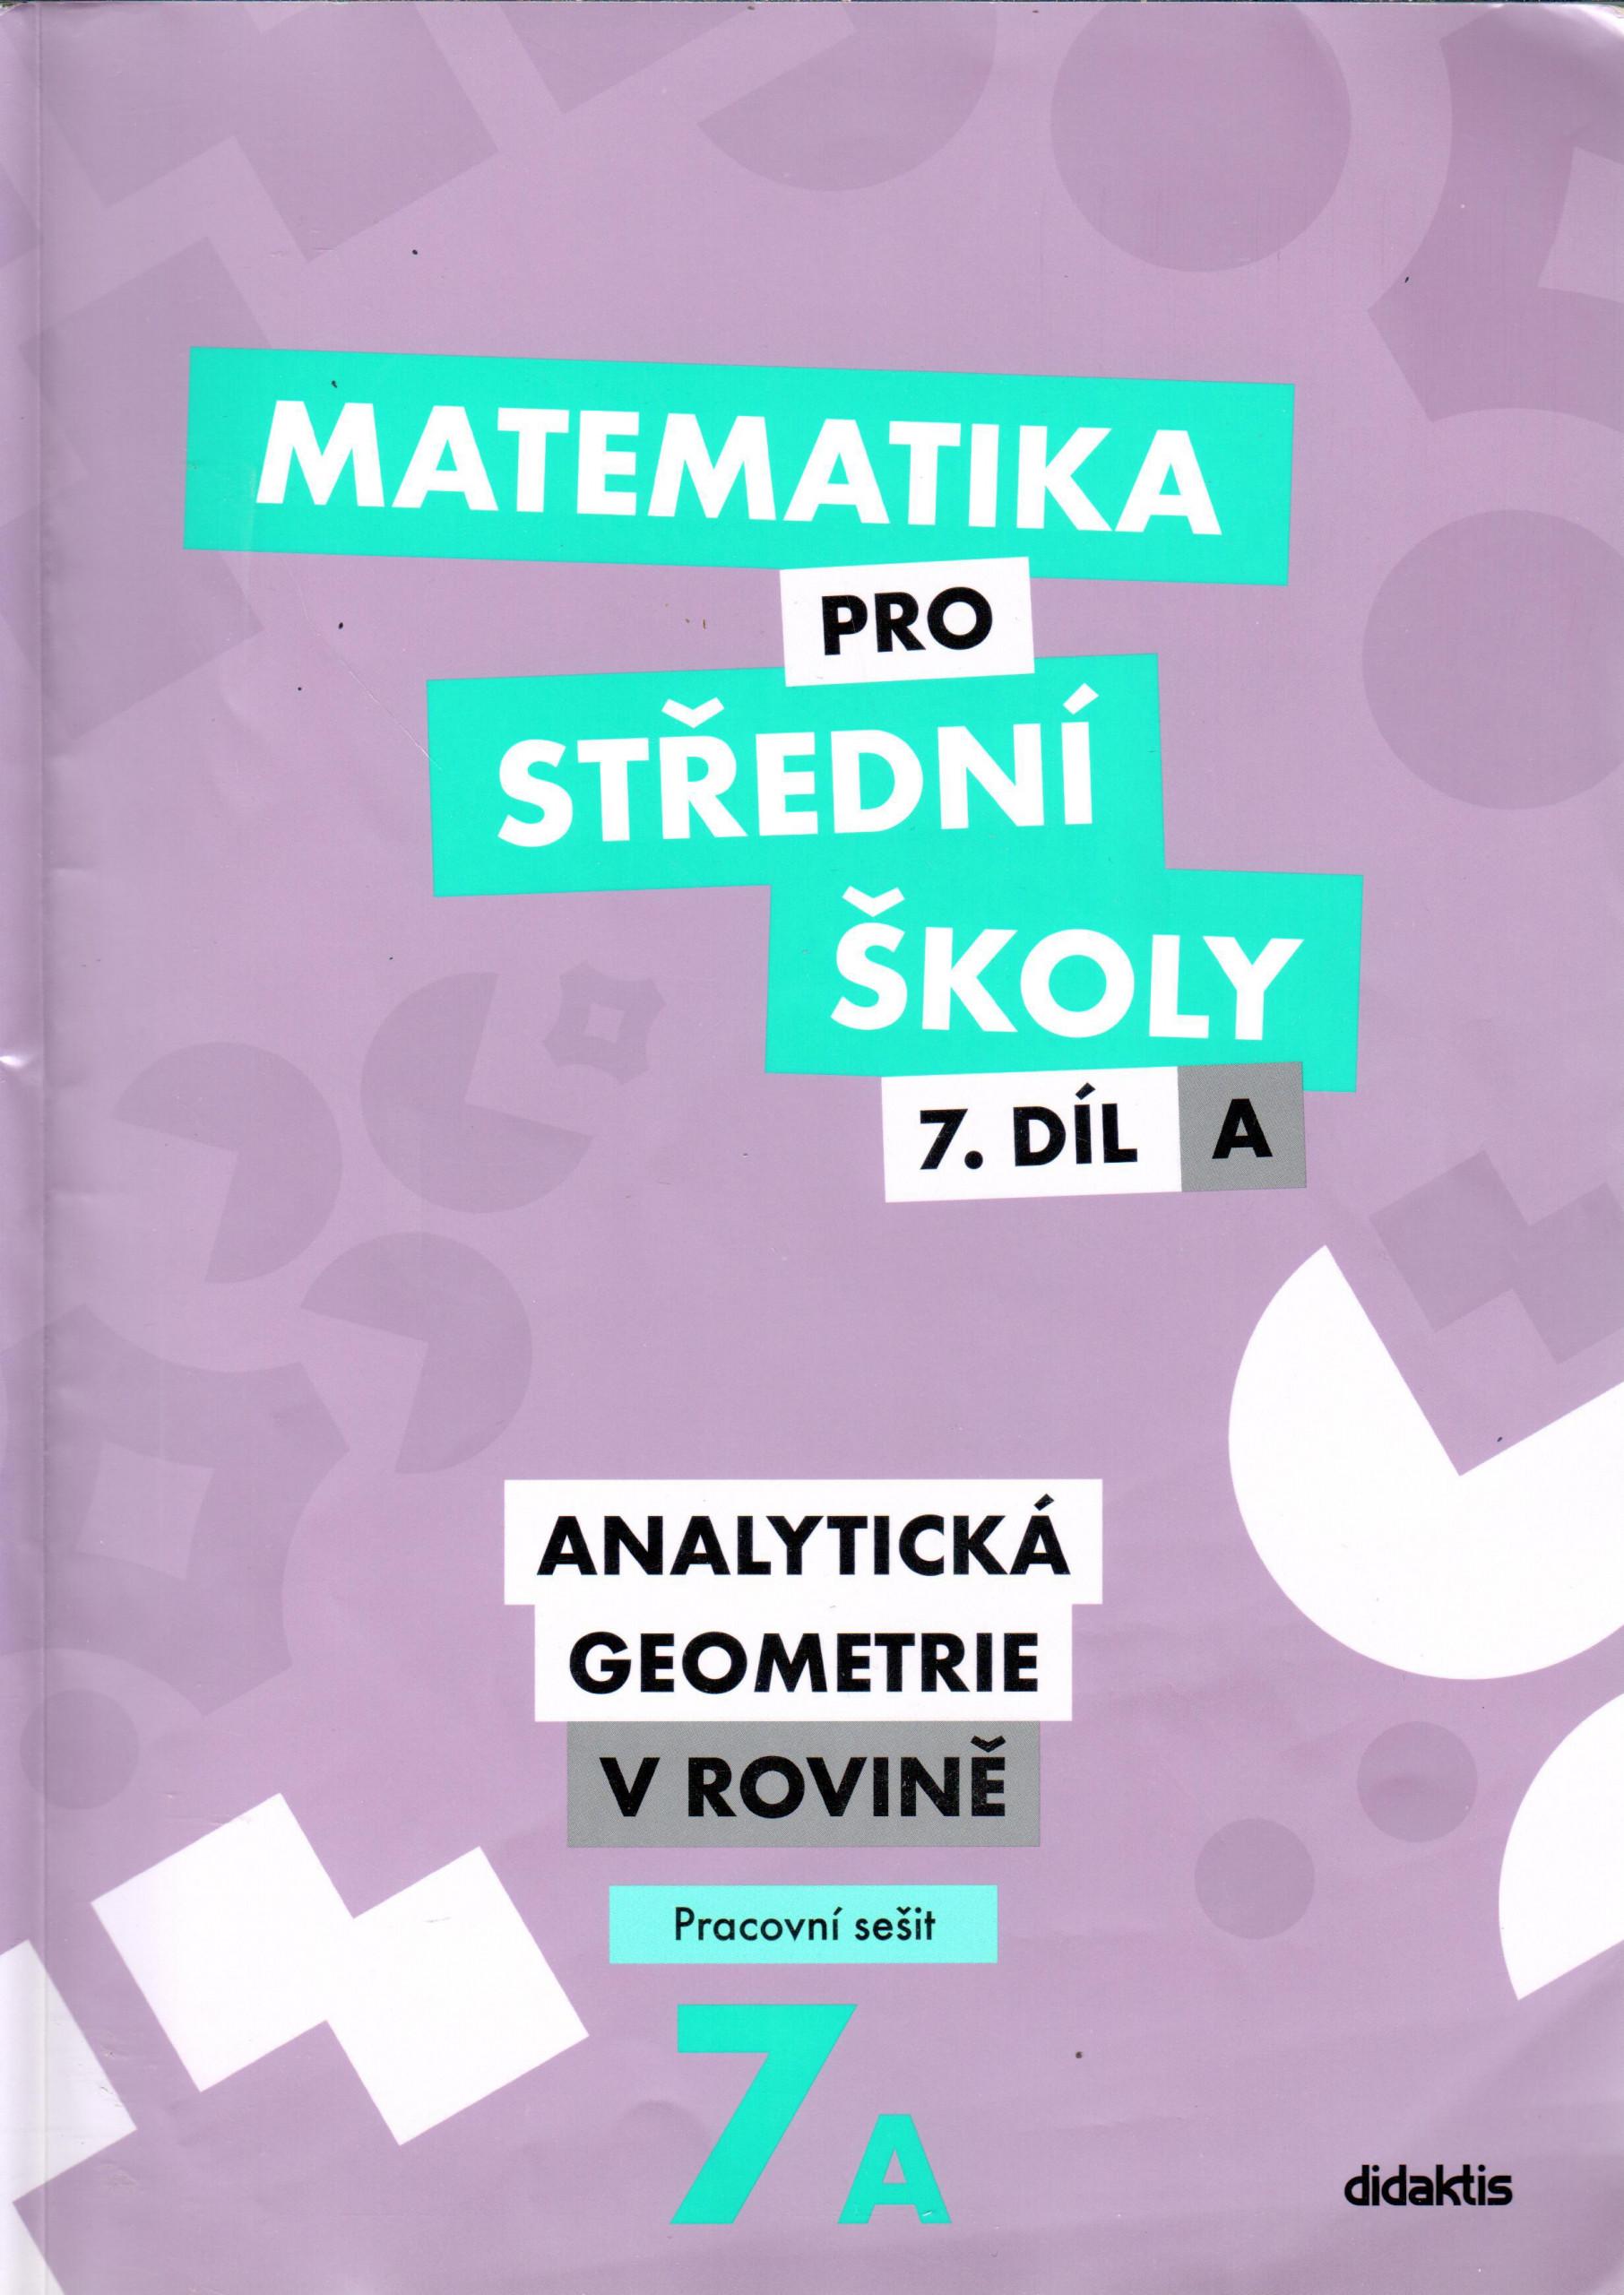 Matematika pro střední školy 7.díl A Pracovní sešit - Analytická geometrie v rovině - Náhled učebnice